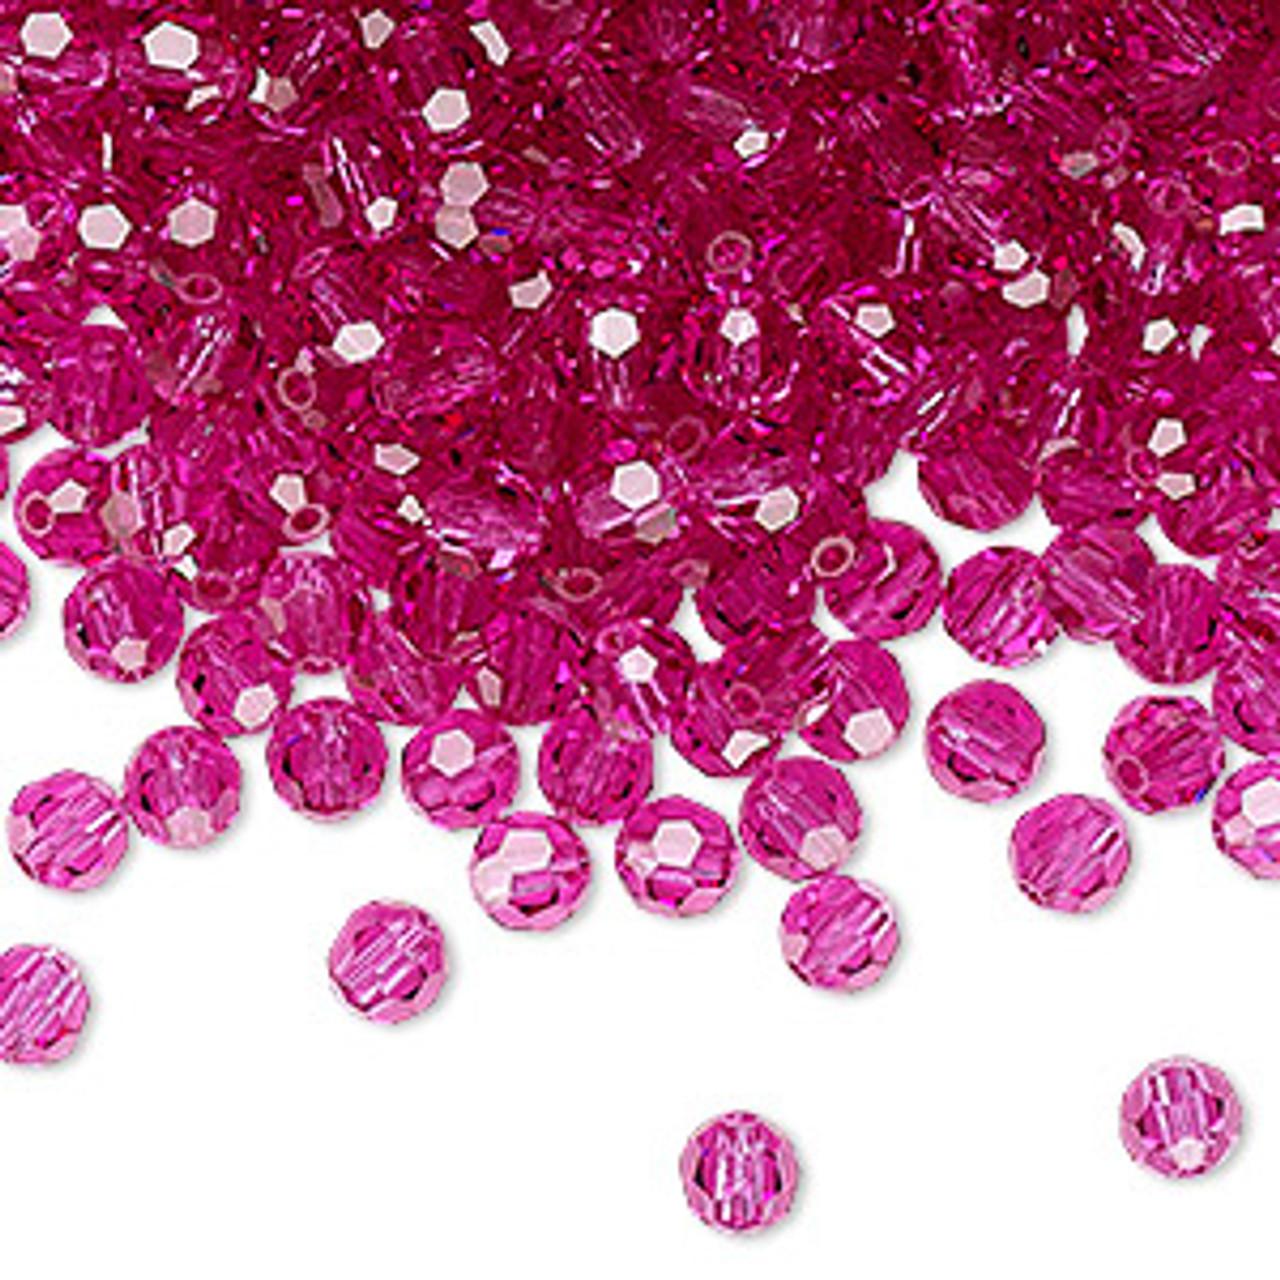 4mm Fuchsia Preciosa Round Crystals (12pk)